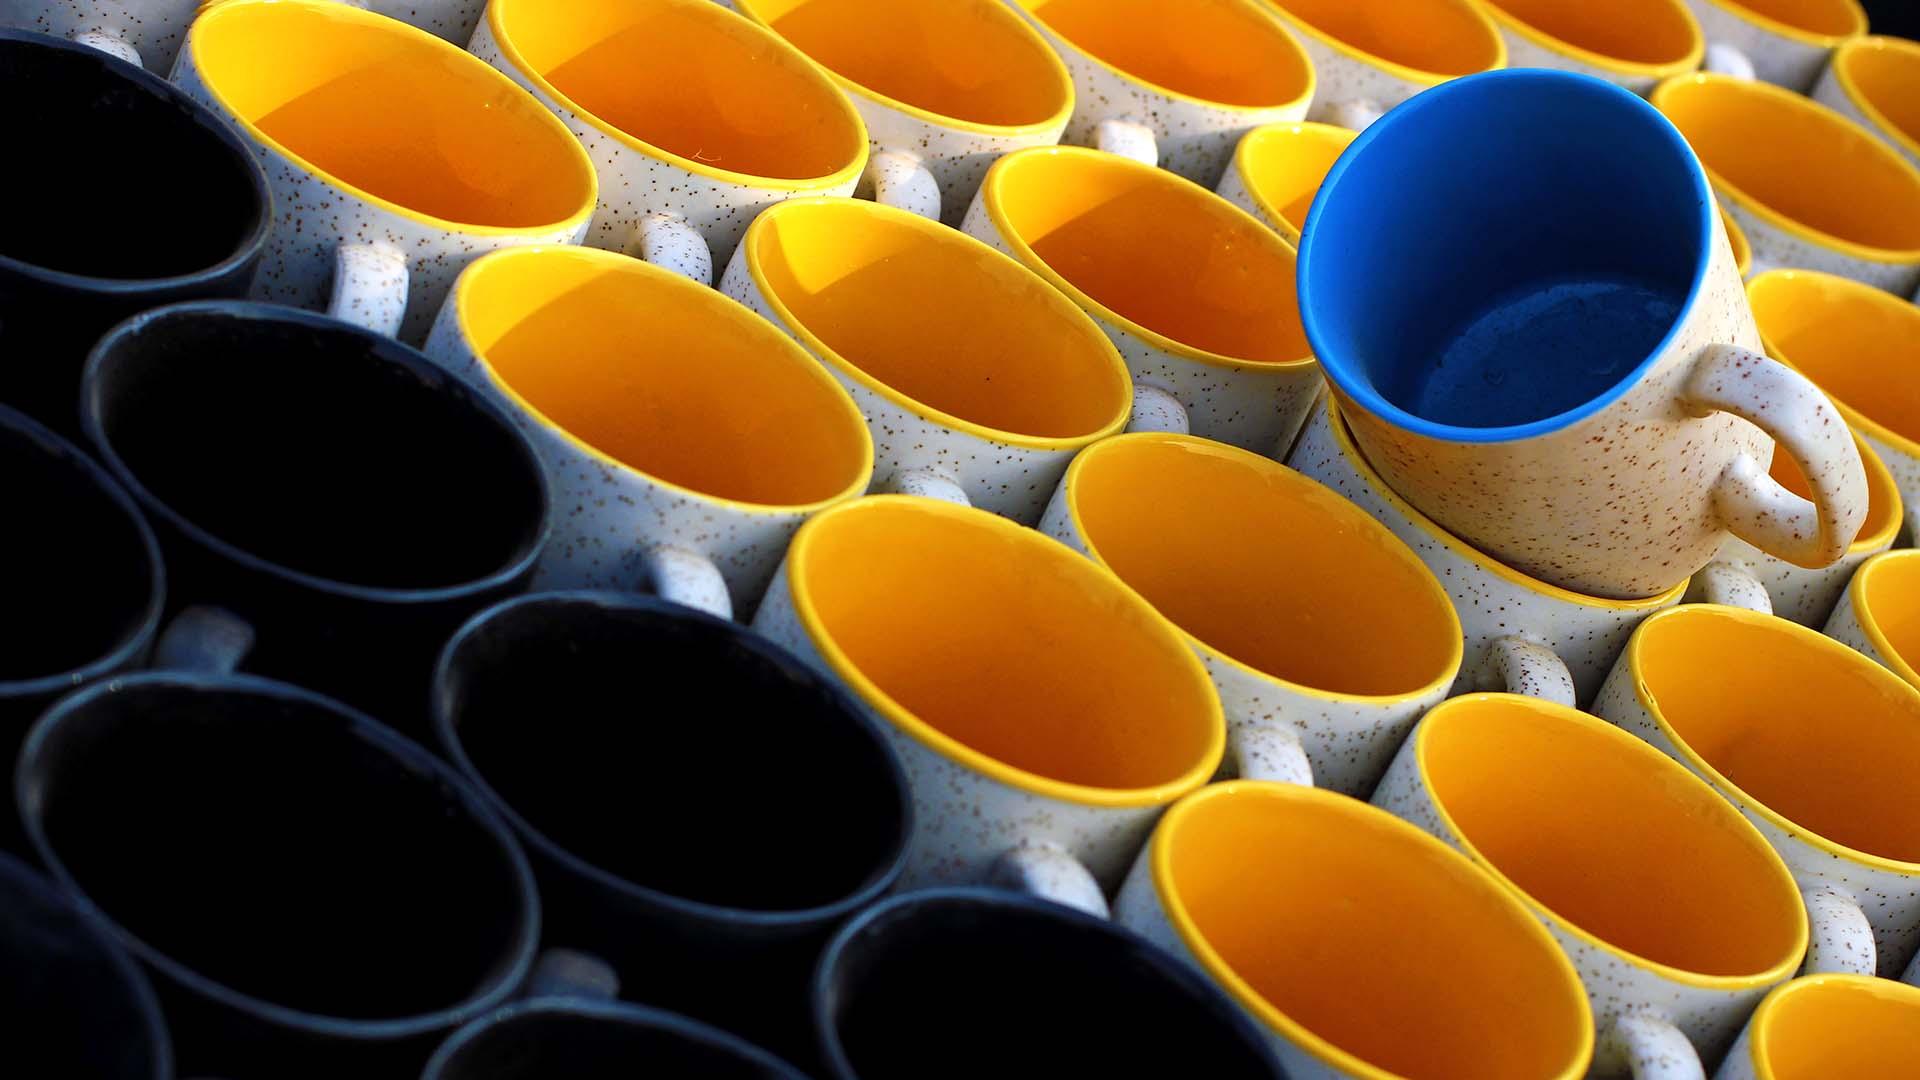 Pile of mugs